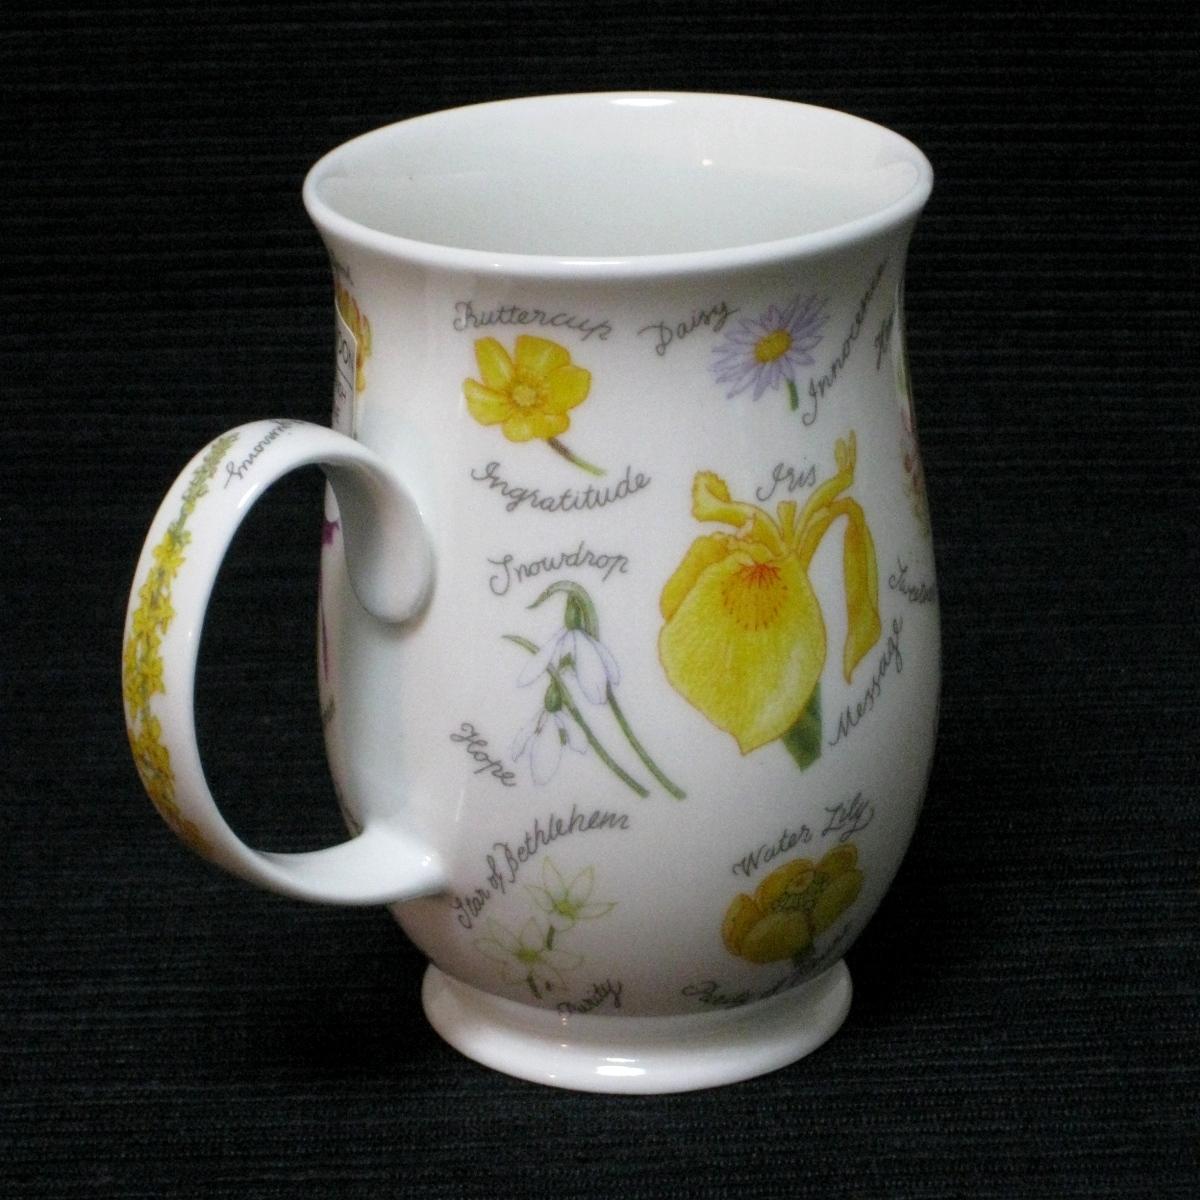 ダヌーン 花言葉 マグカップ  Dunoon Language of Flowers Mug Cup